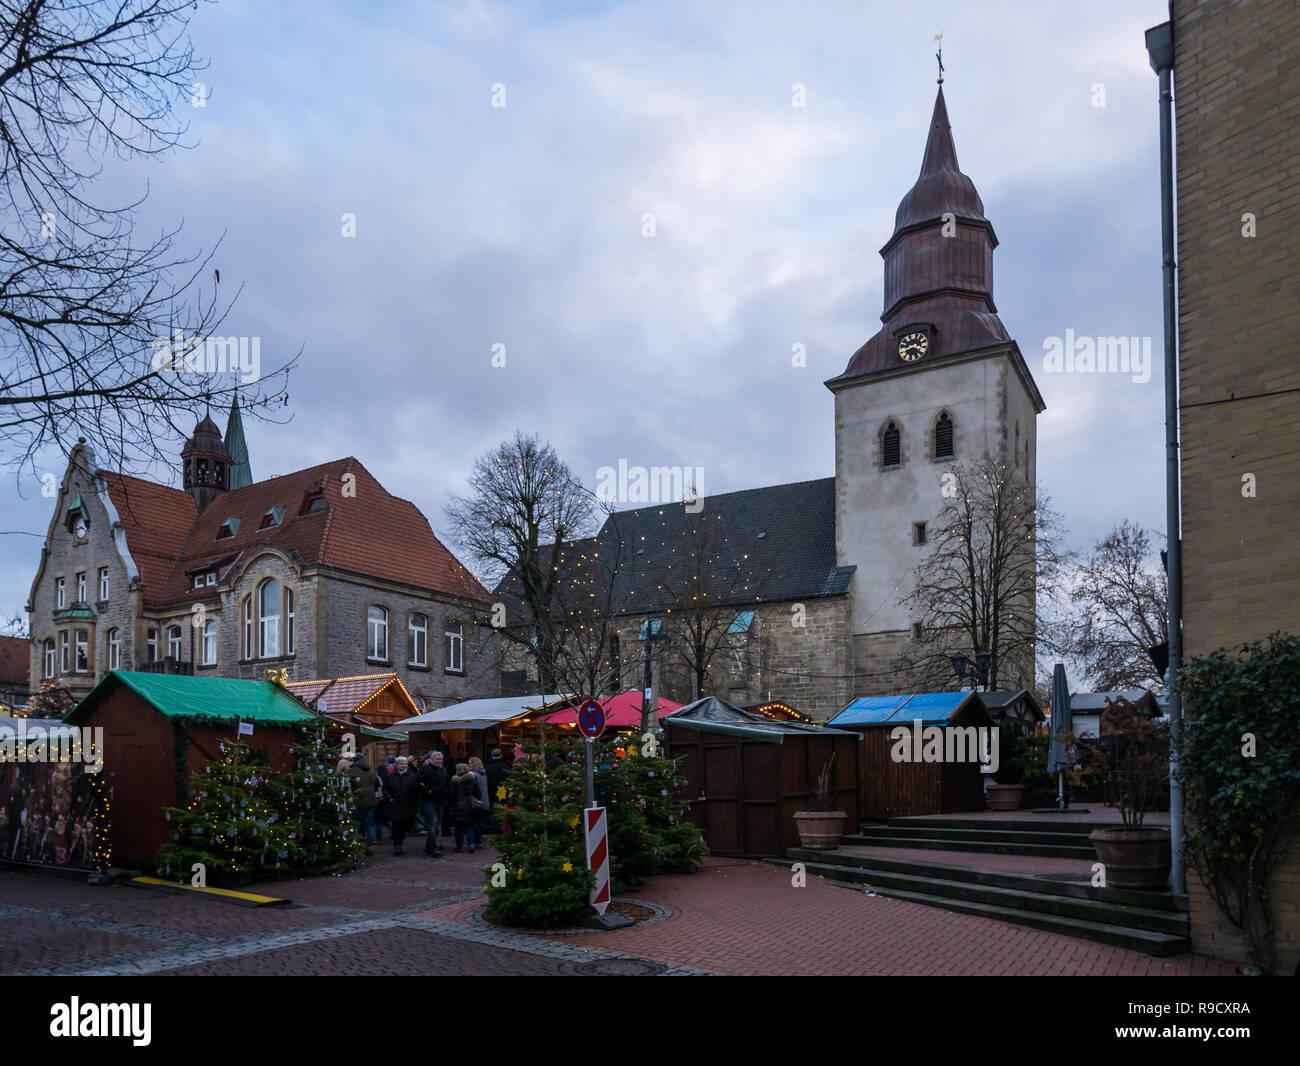 Melle Weihnachtsmarkt.Melle Osnabruck Land Niedersachsen Deutschland Dezember